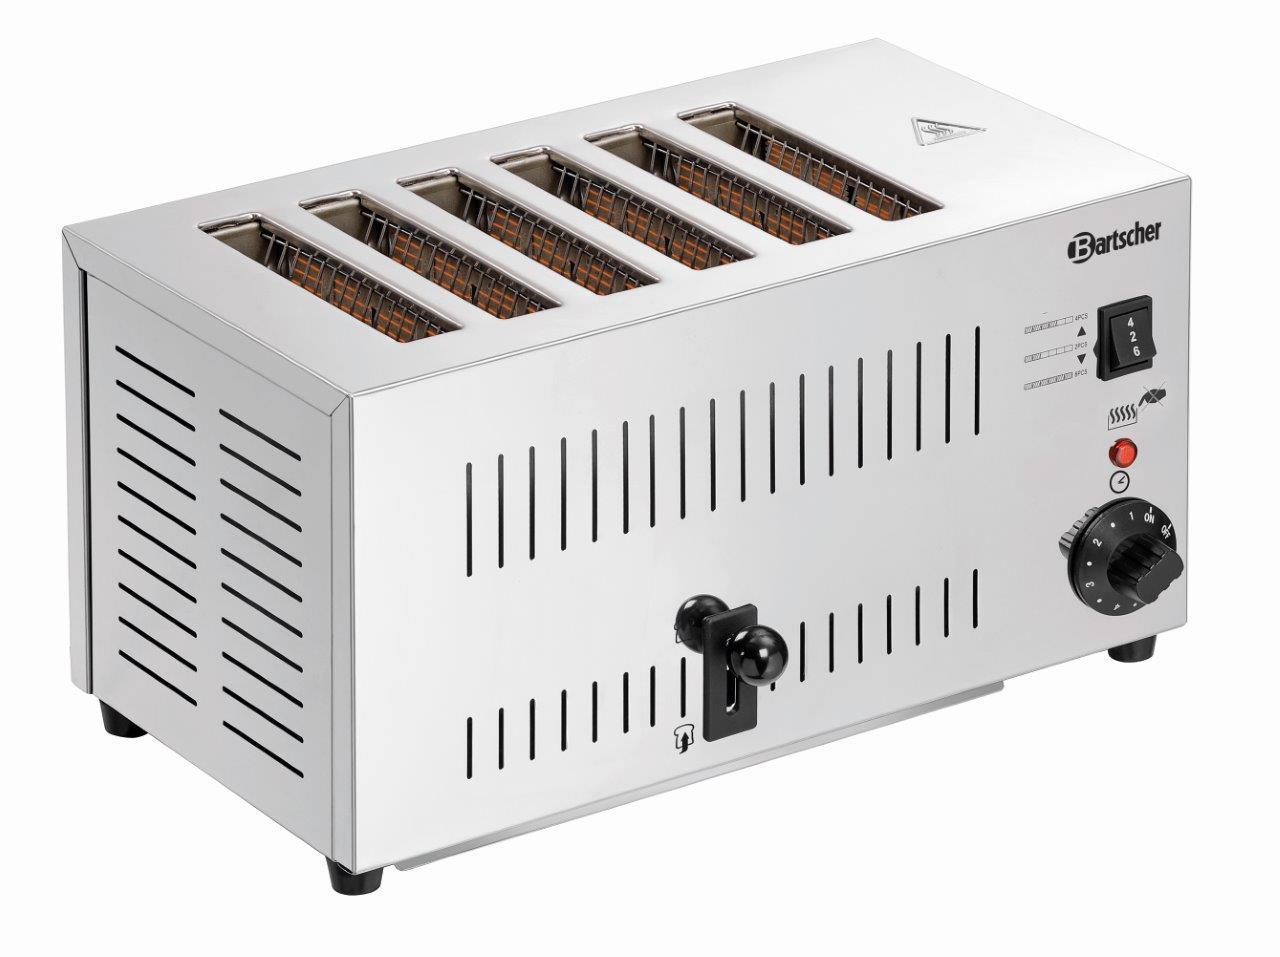 Bartscher Toaster TS60 100197